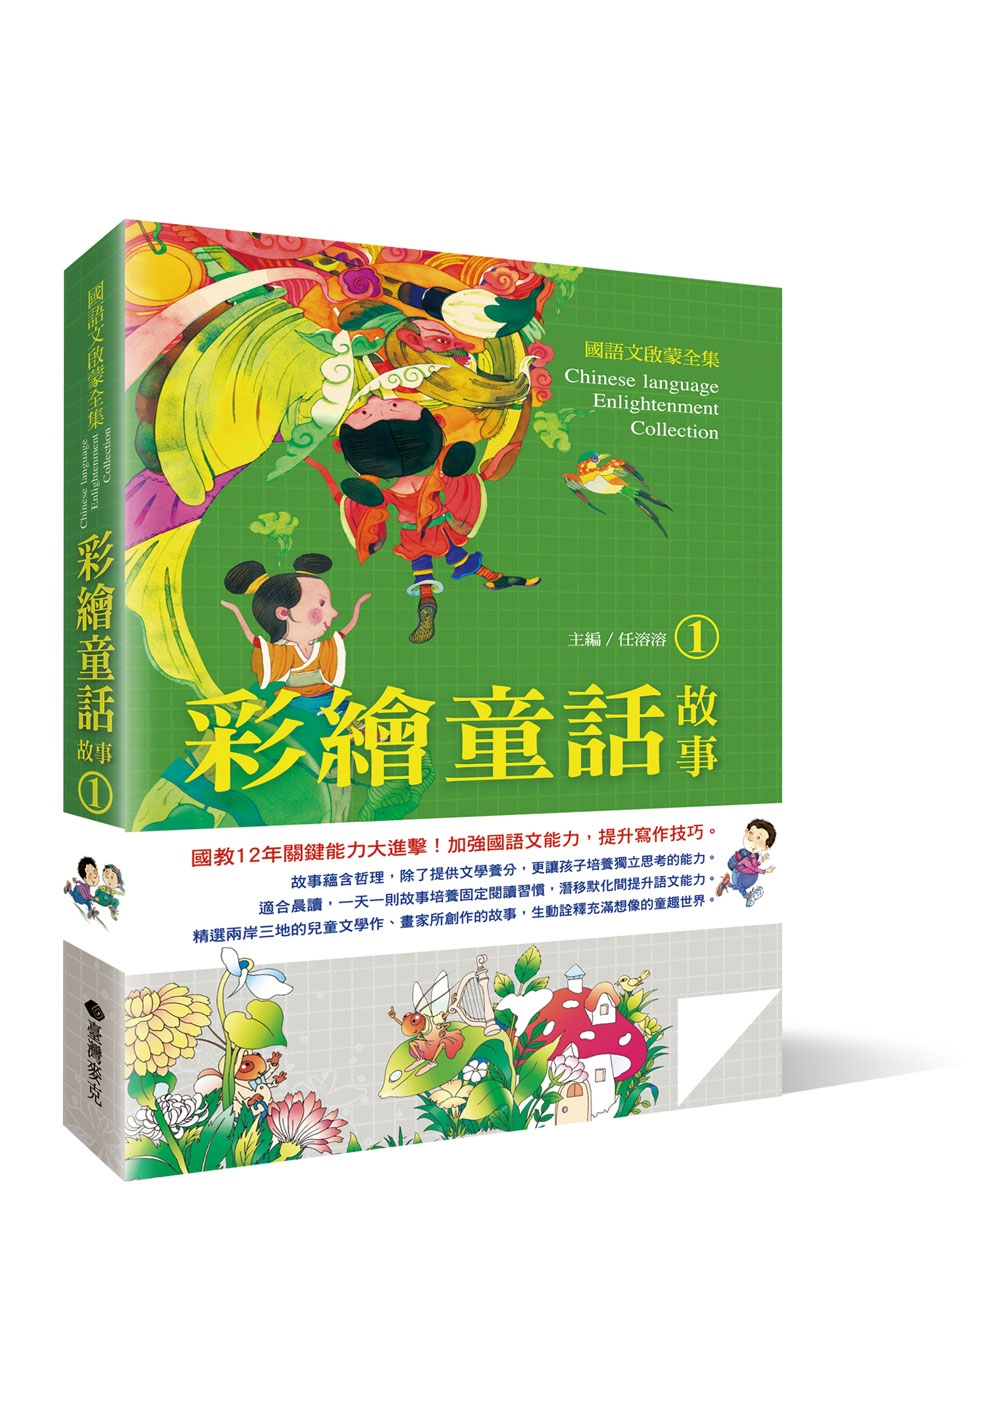 國語文啟蒙全集:彩繪童話故事(1)